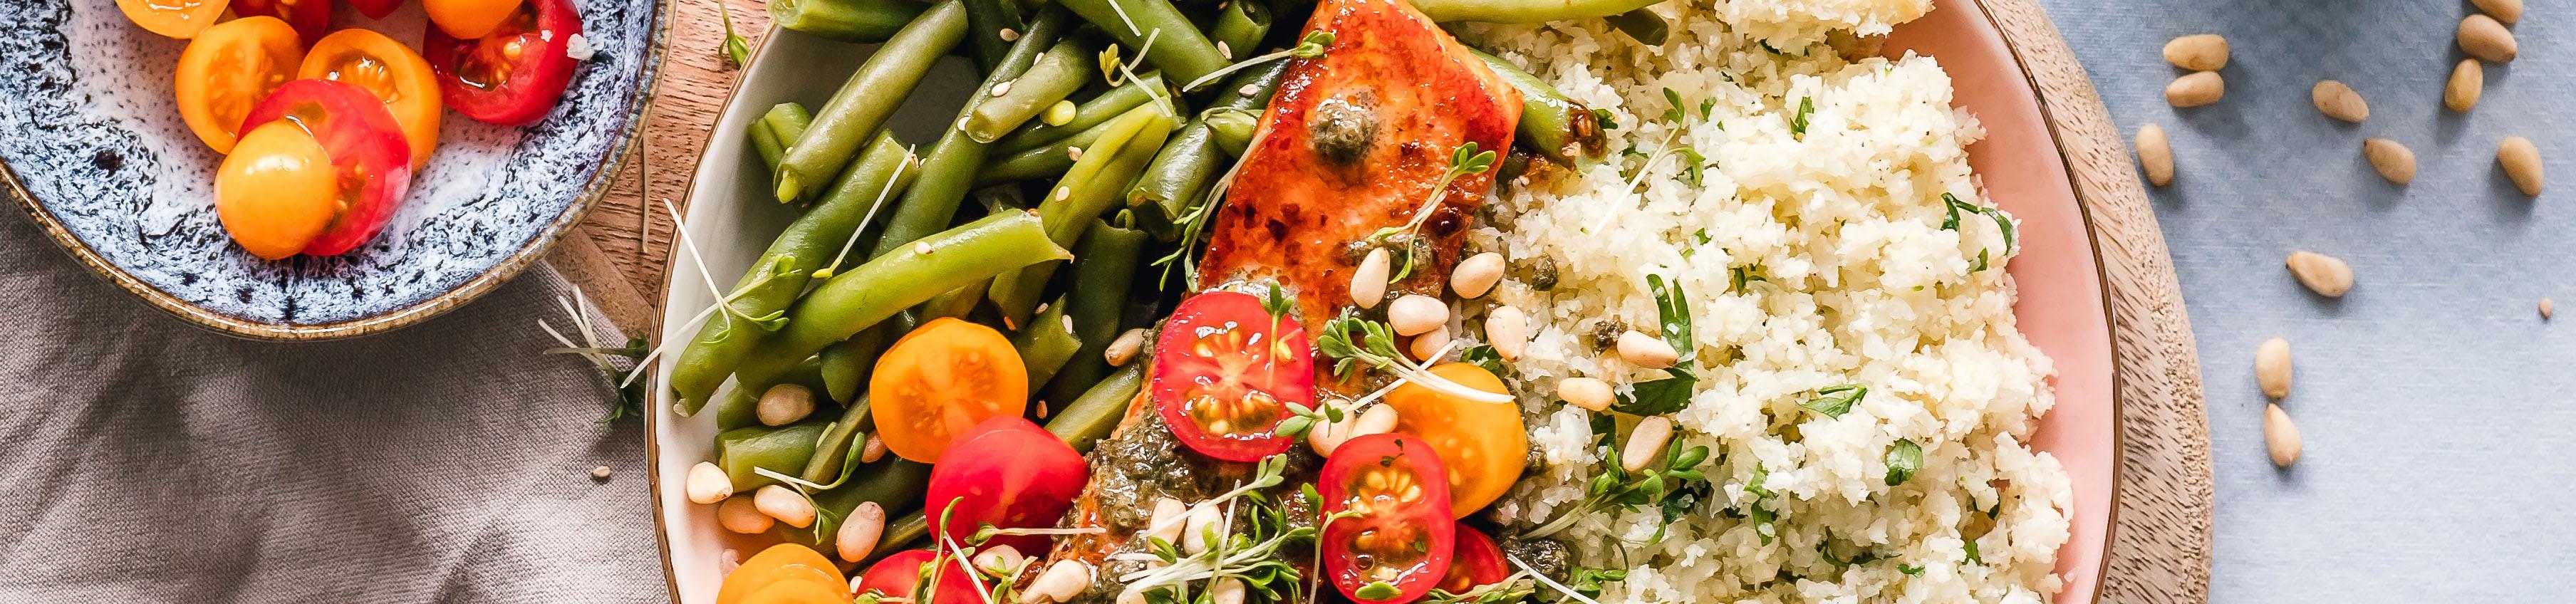 Alimentación reducir celulitis